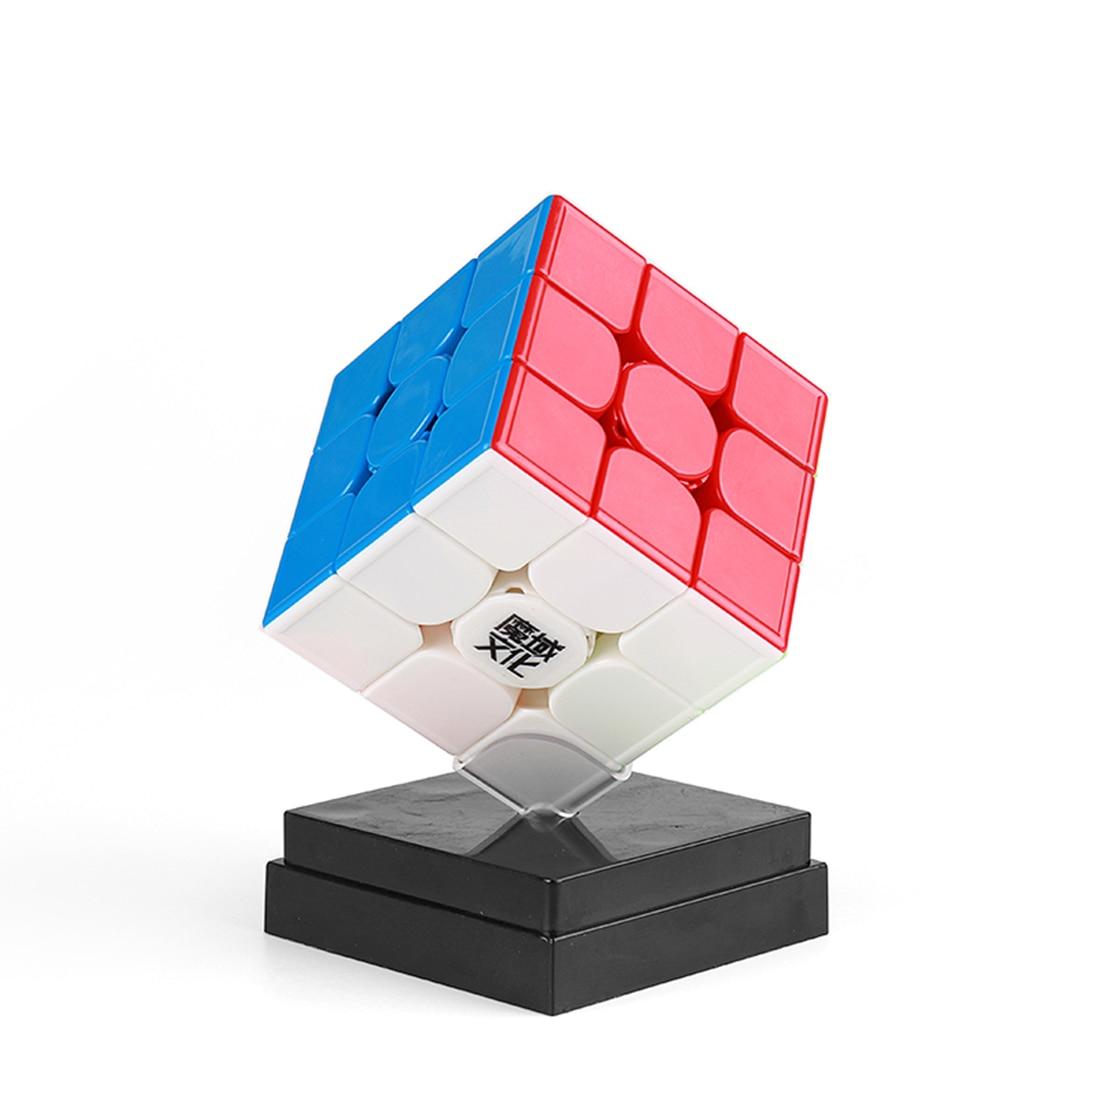 2019 Cube magique de haute qualité YJ8261 Moyu Weilong GTS3M Cube magique jouets éducatifs pour l'entraînement du cerveau-coloré